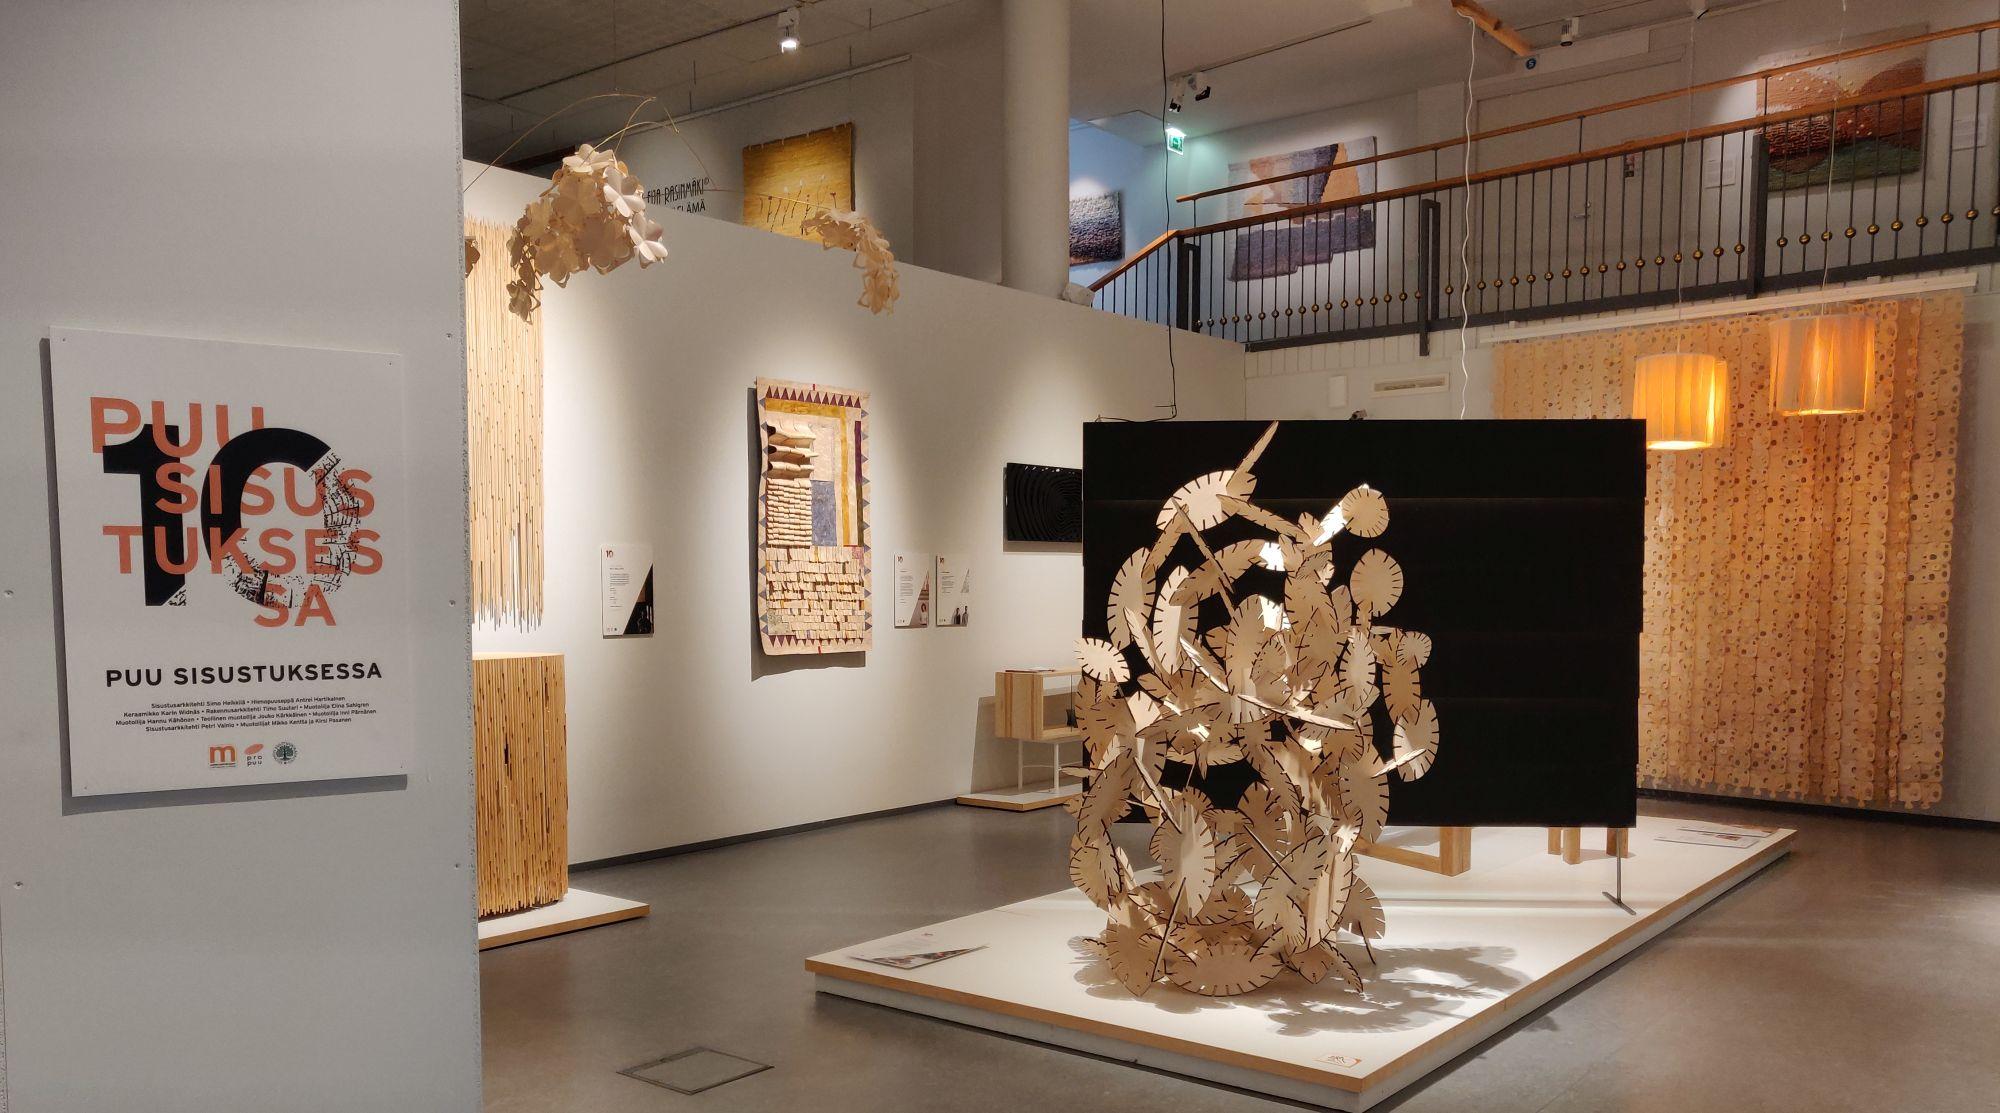 Puu sisustuksessa -näyttely Suomen käsityön museossa.